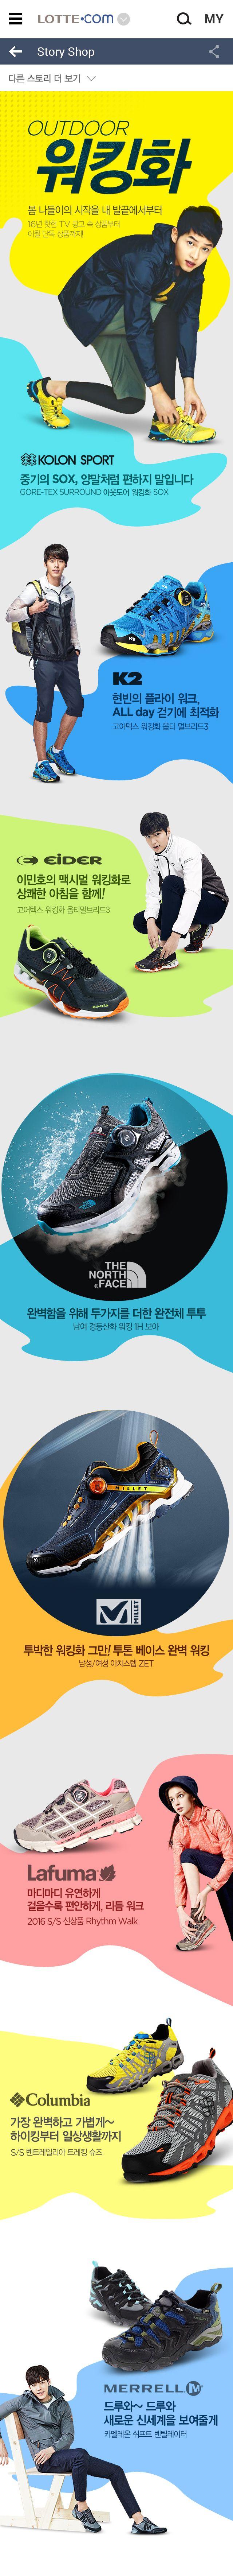 스토리샵_160405_Designed by 김성